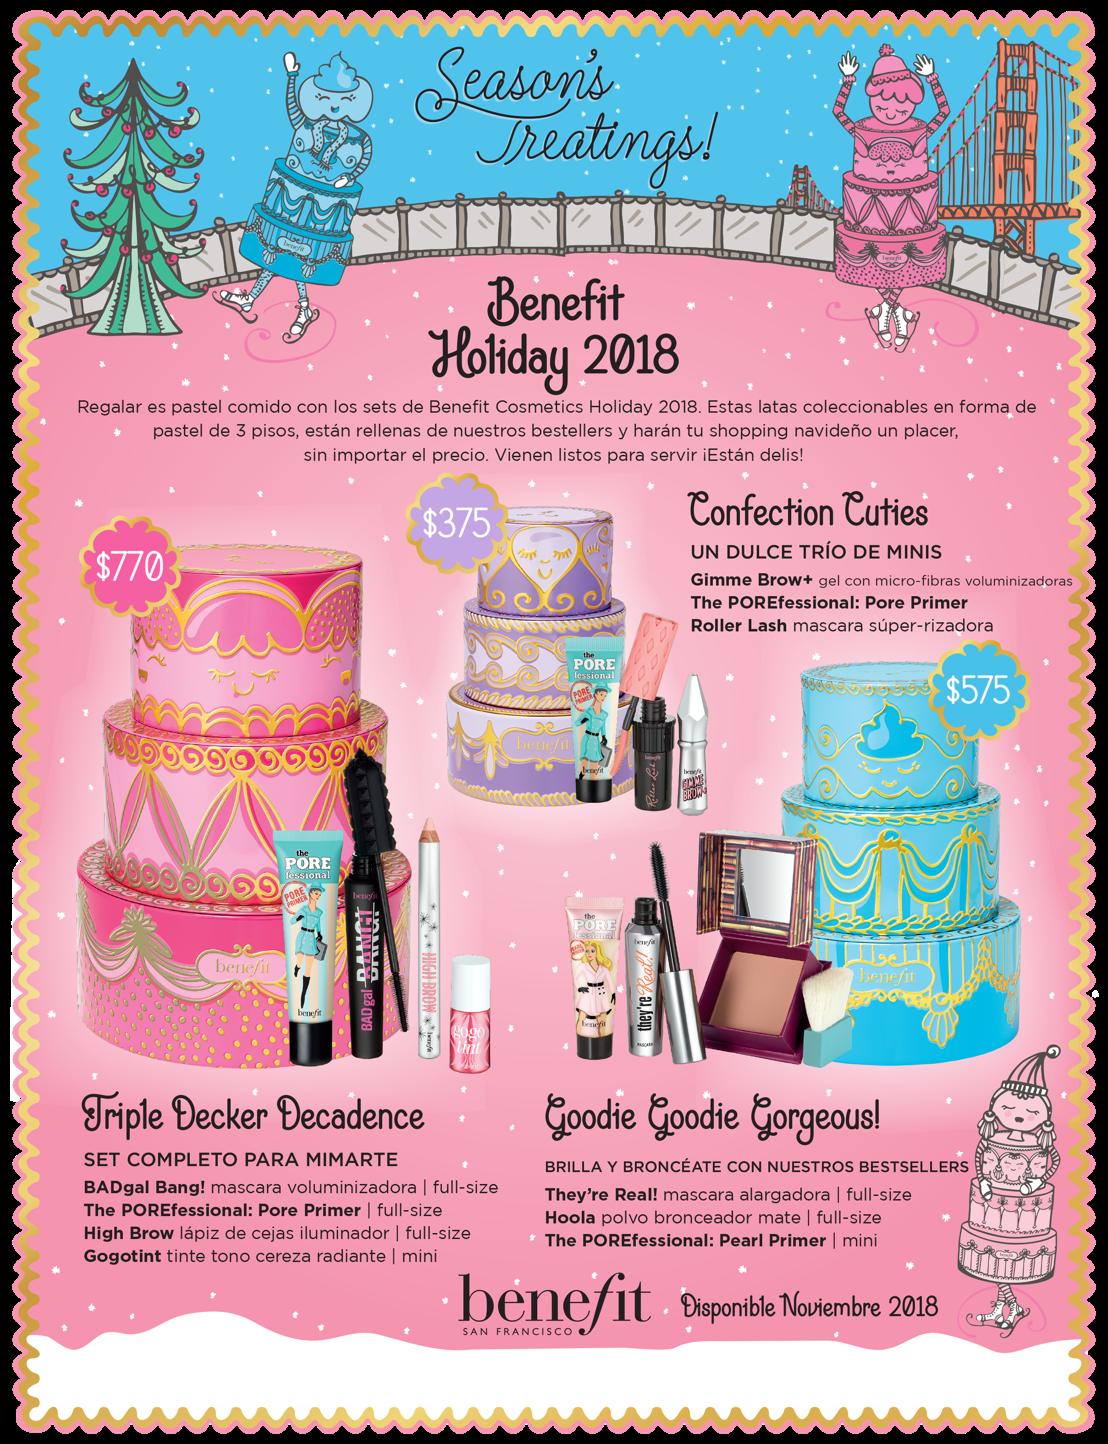 Benefit Cosmetics presenta su colección especial para Holiday